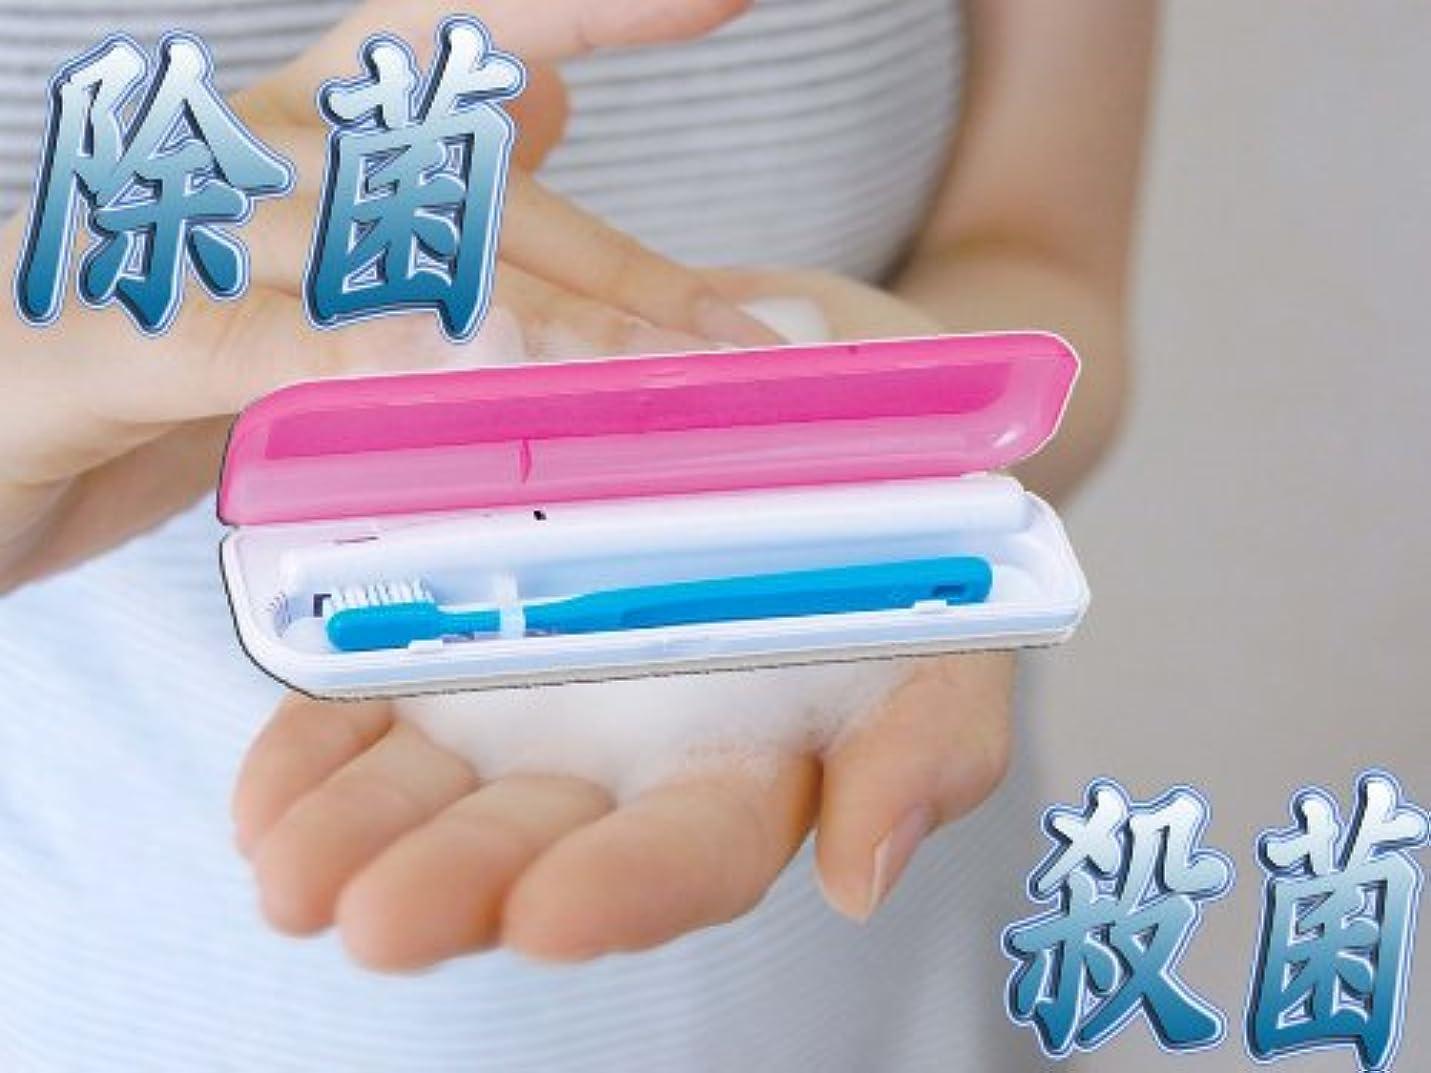 感謝する管理者チャンス歯ブラシの隅々まで殺菌&除菌!! 除菌歯ブラシ 携帯ケース 電池式 15408